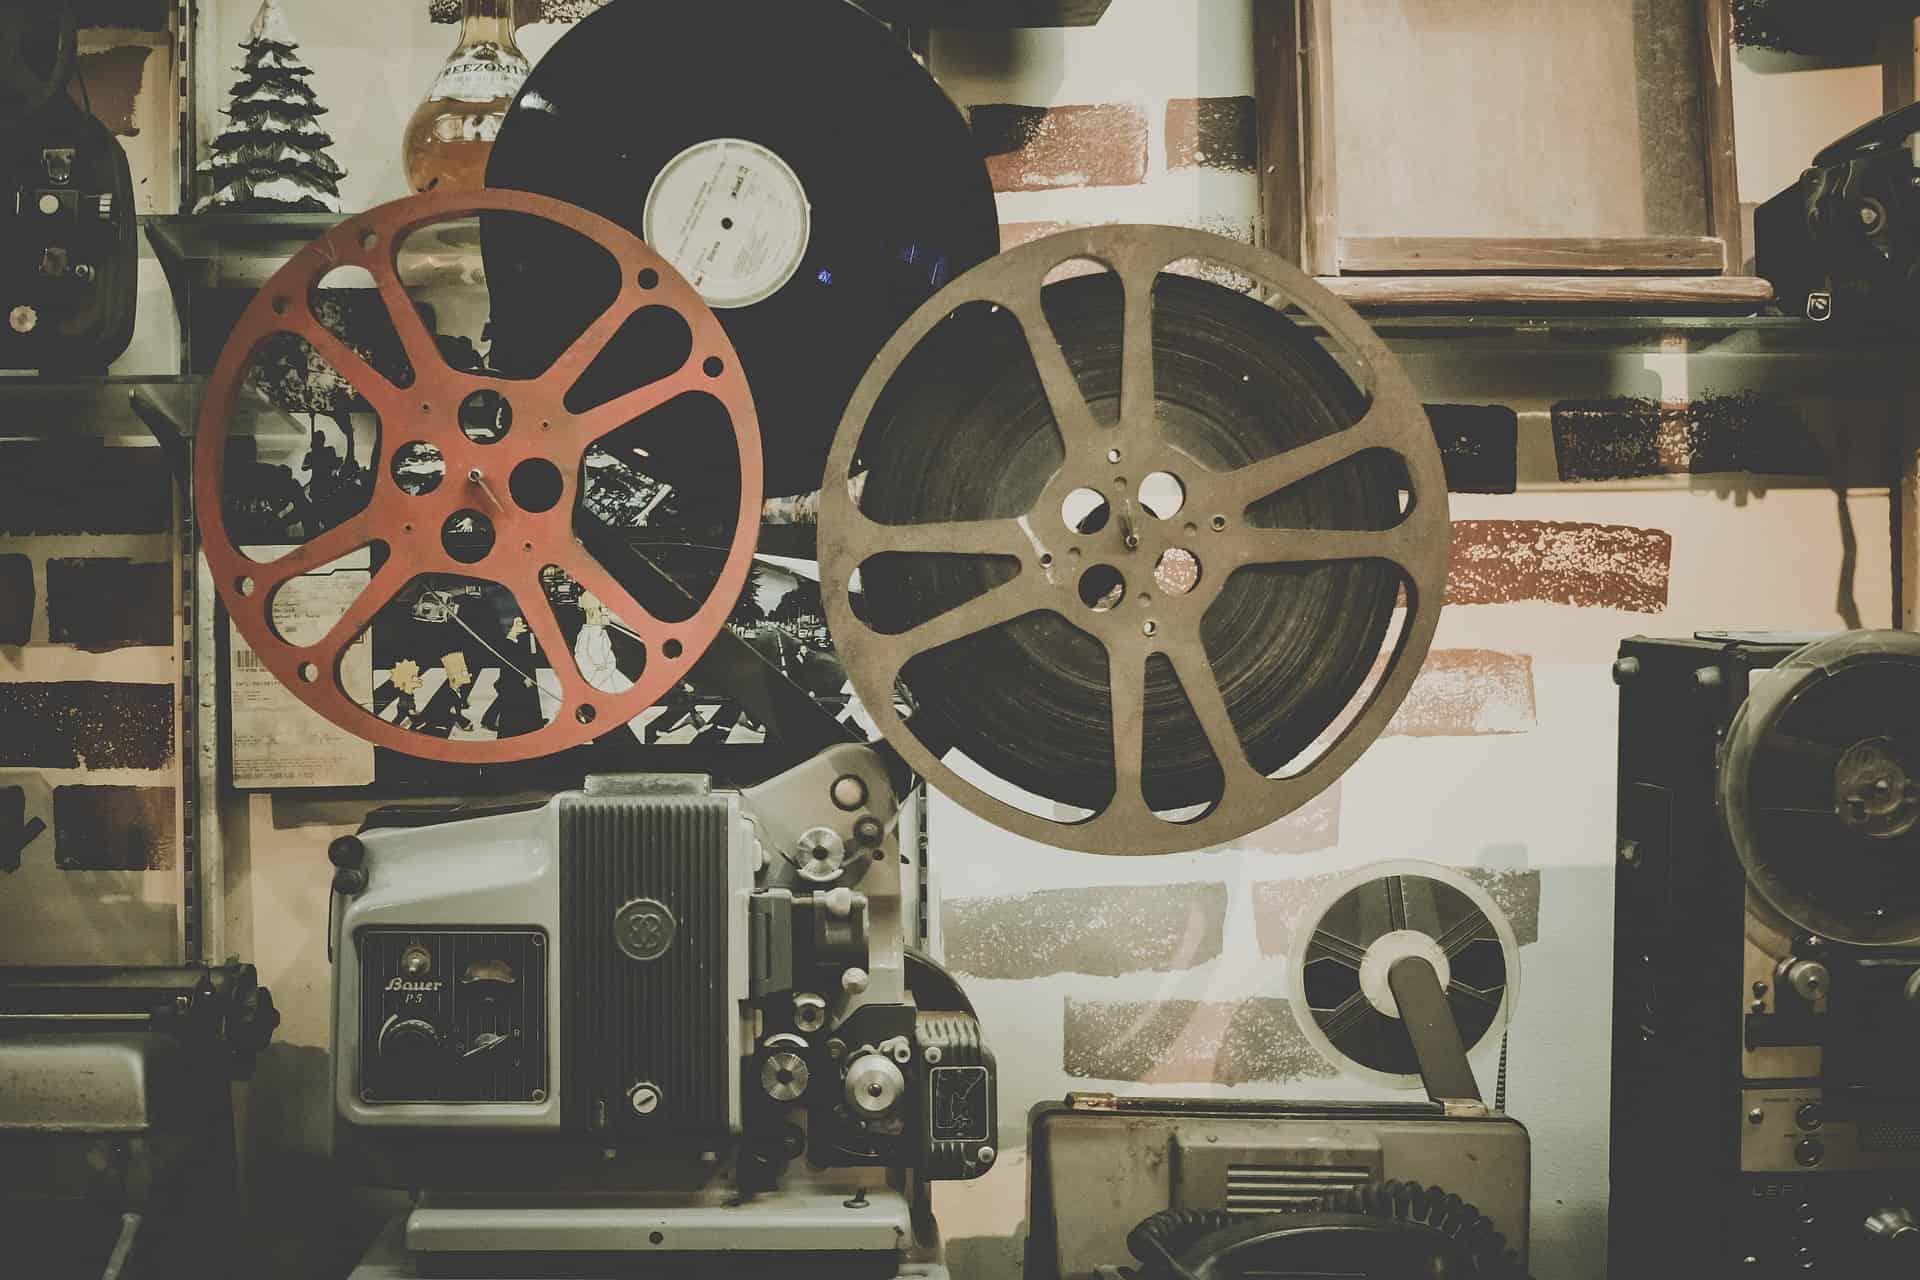 Die besten 5 Musikfilme für einen perfekten Herbstabend!